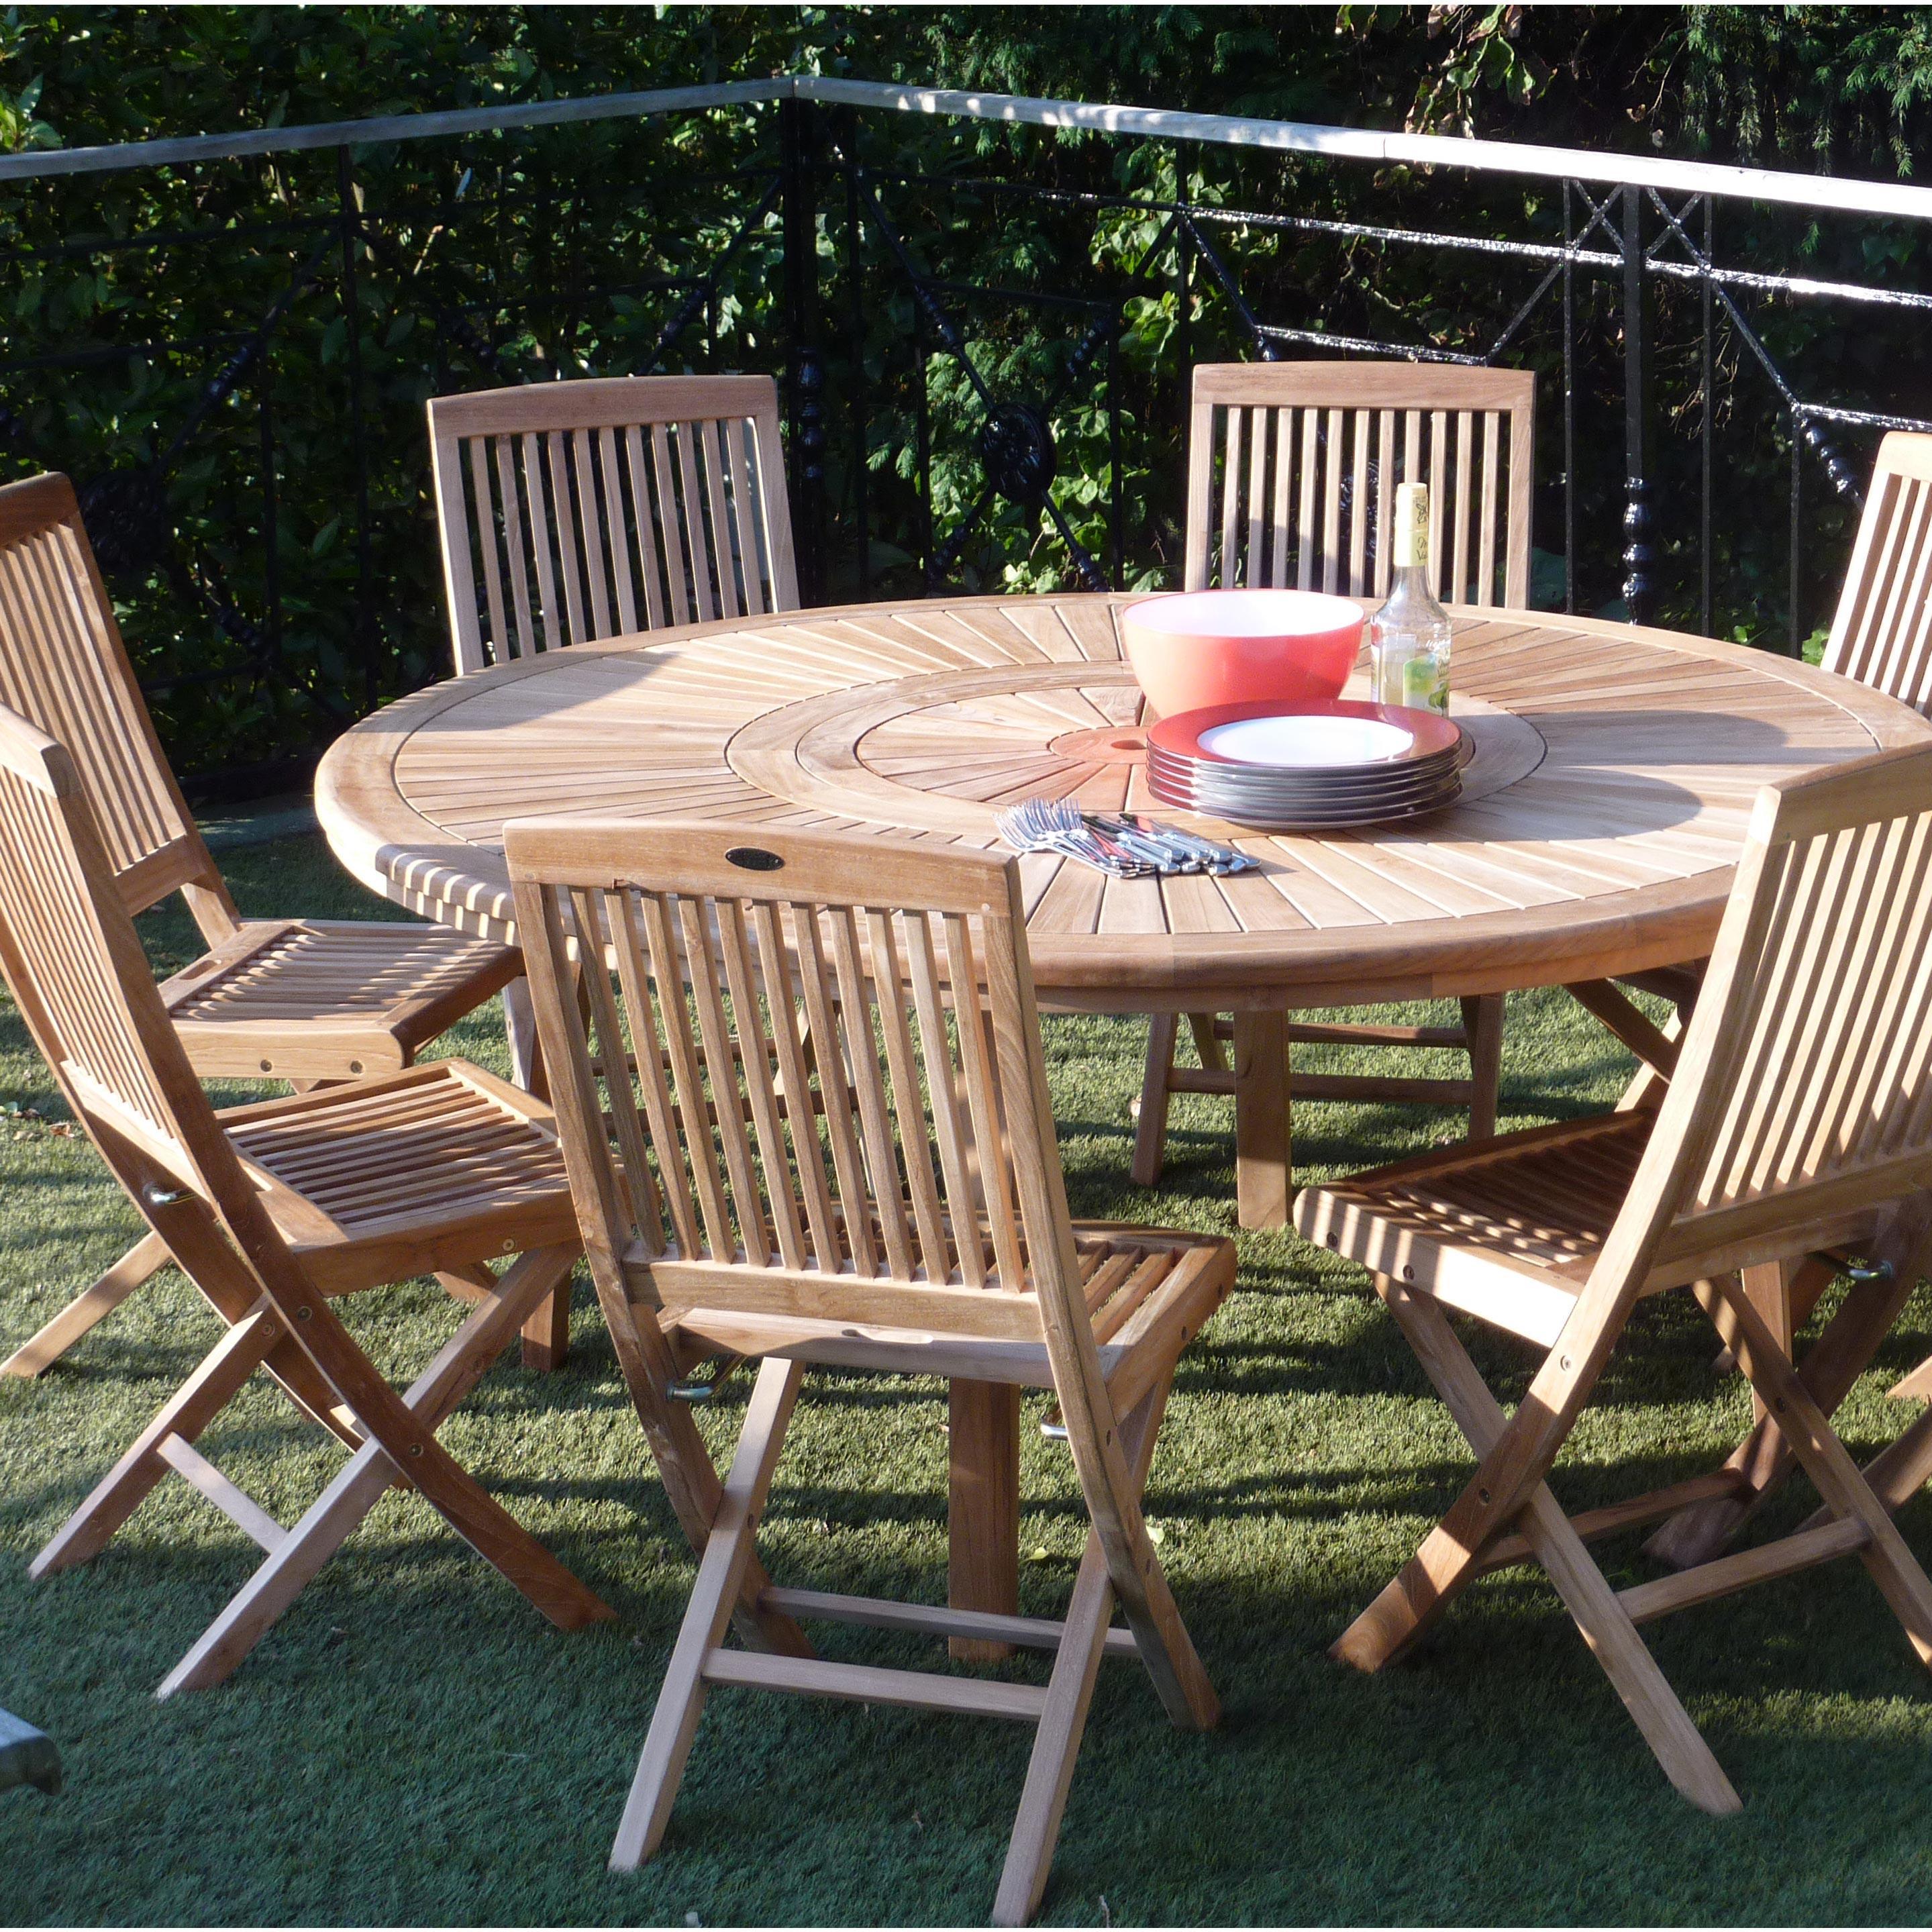 Salon De Jardin Orion Bois Naturel 8 Personnes Table Et Chaises